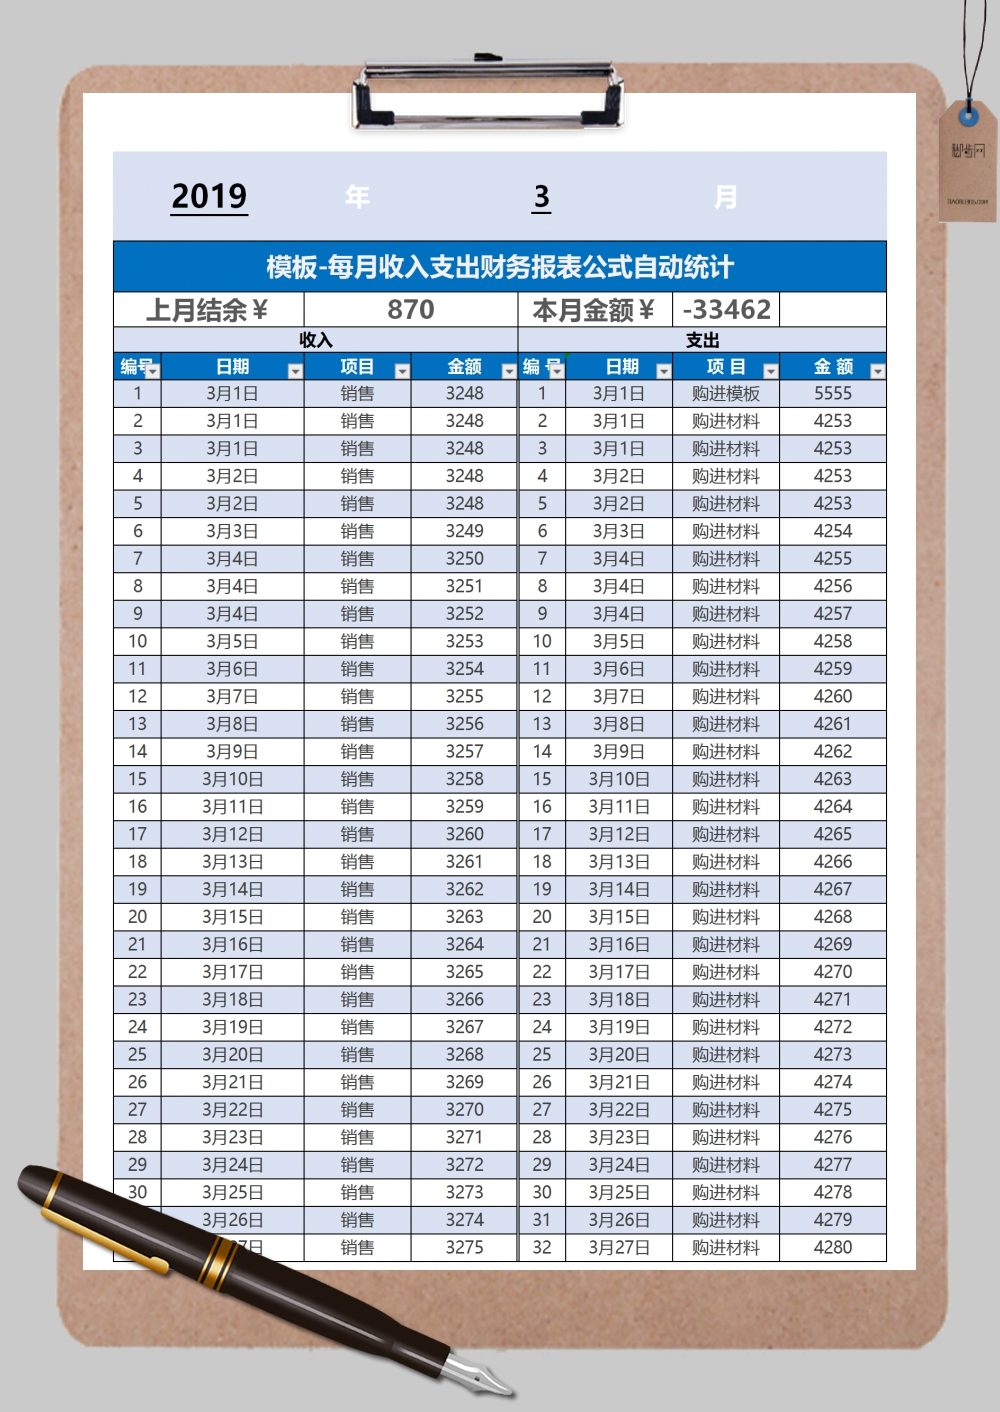 每月收入支出财务报表公式自动统计表格Excel模板